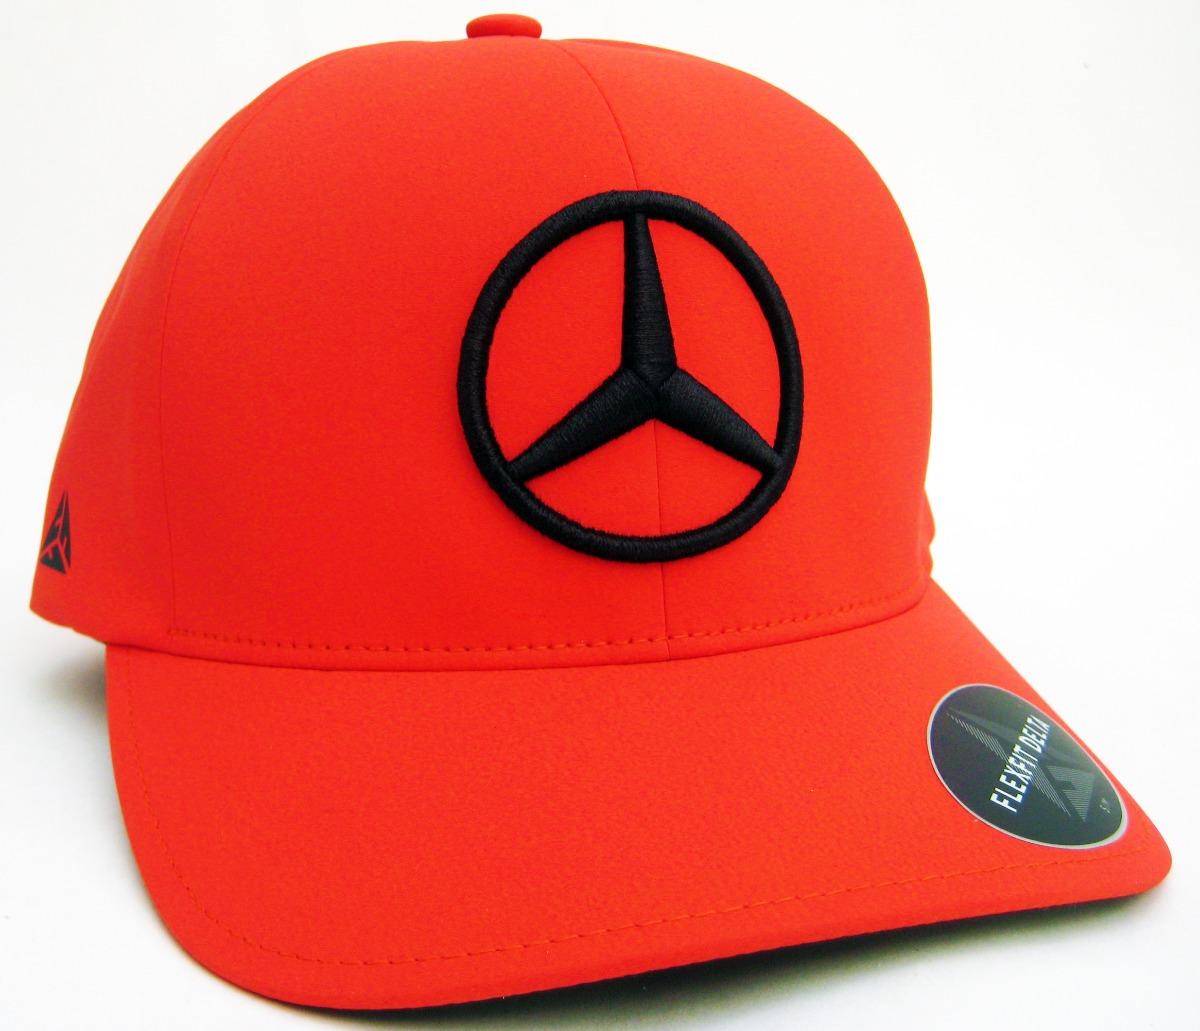 Gorra Mercedes-benz Original Delta Lewis Hamilton F1 Rojo-n ... 5c9db6864d4